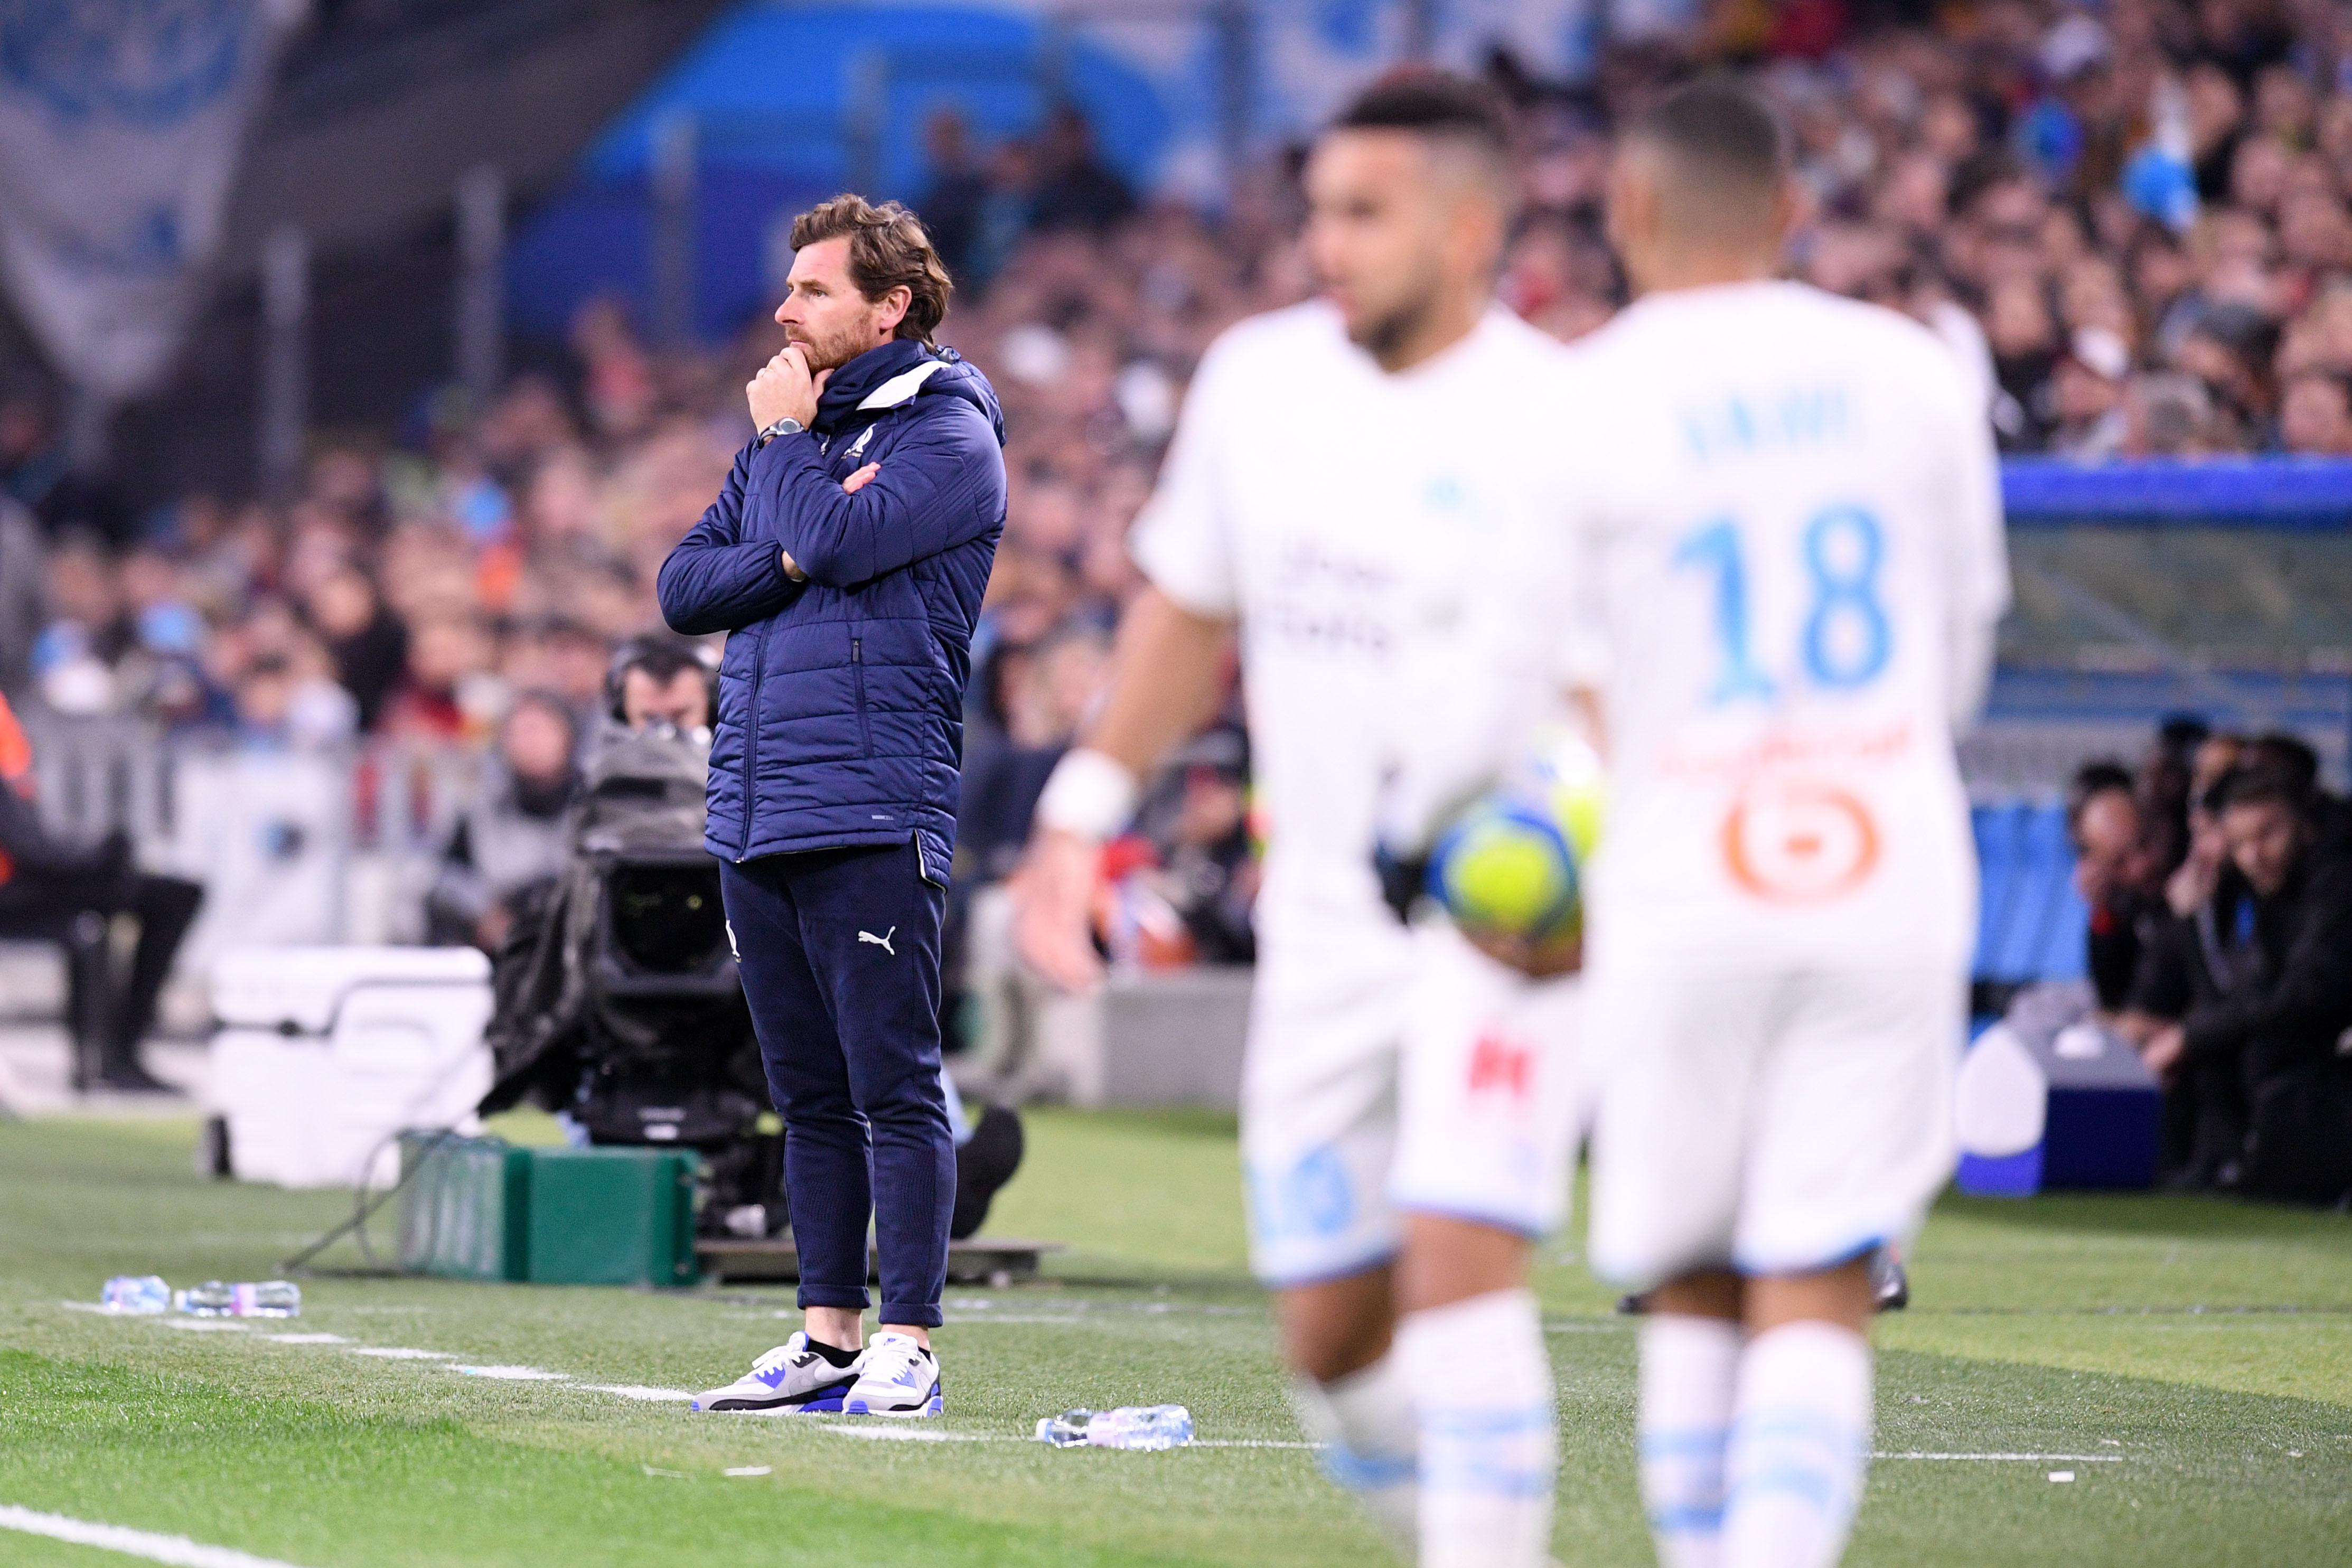 Football - Ligue 1 - «Un doute fort» : Eyraud pas très rassurant sur l'avenir de Villas-Boas à l'OM